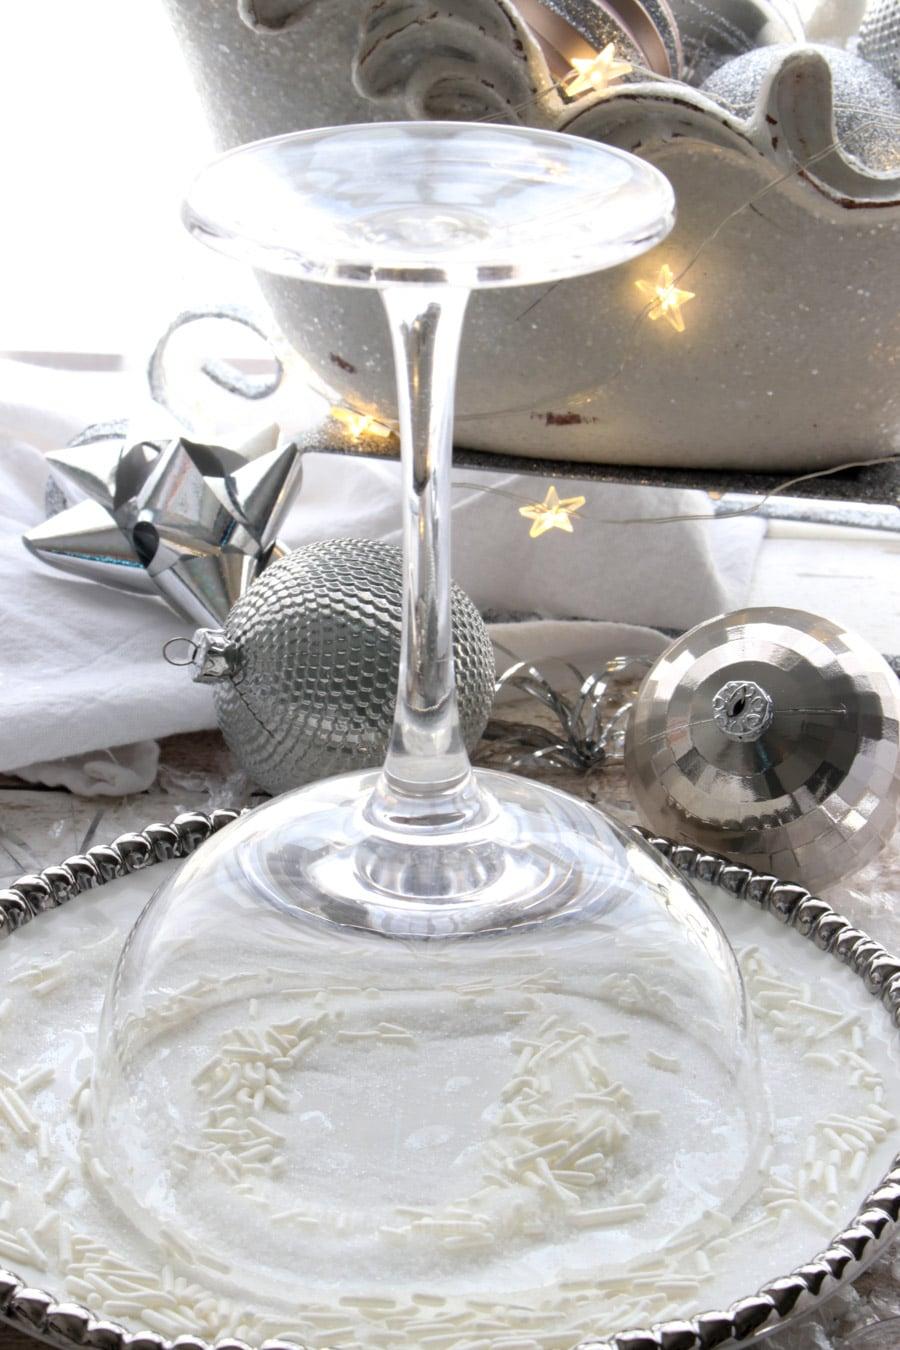 martini glass upside down in sugar